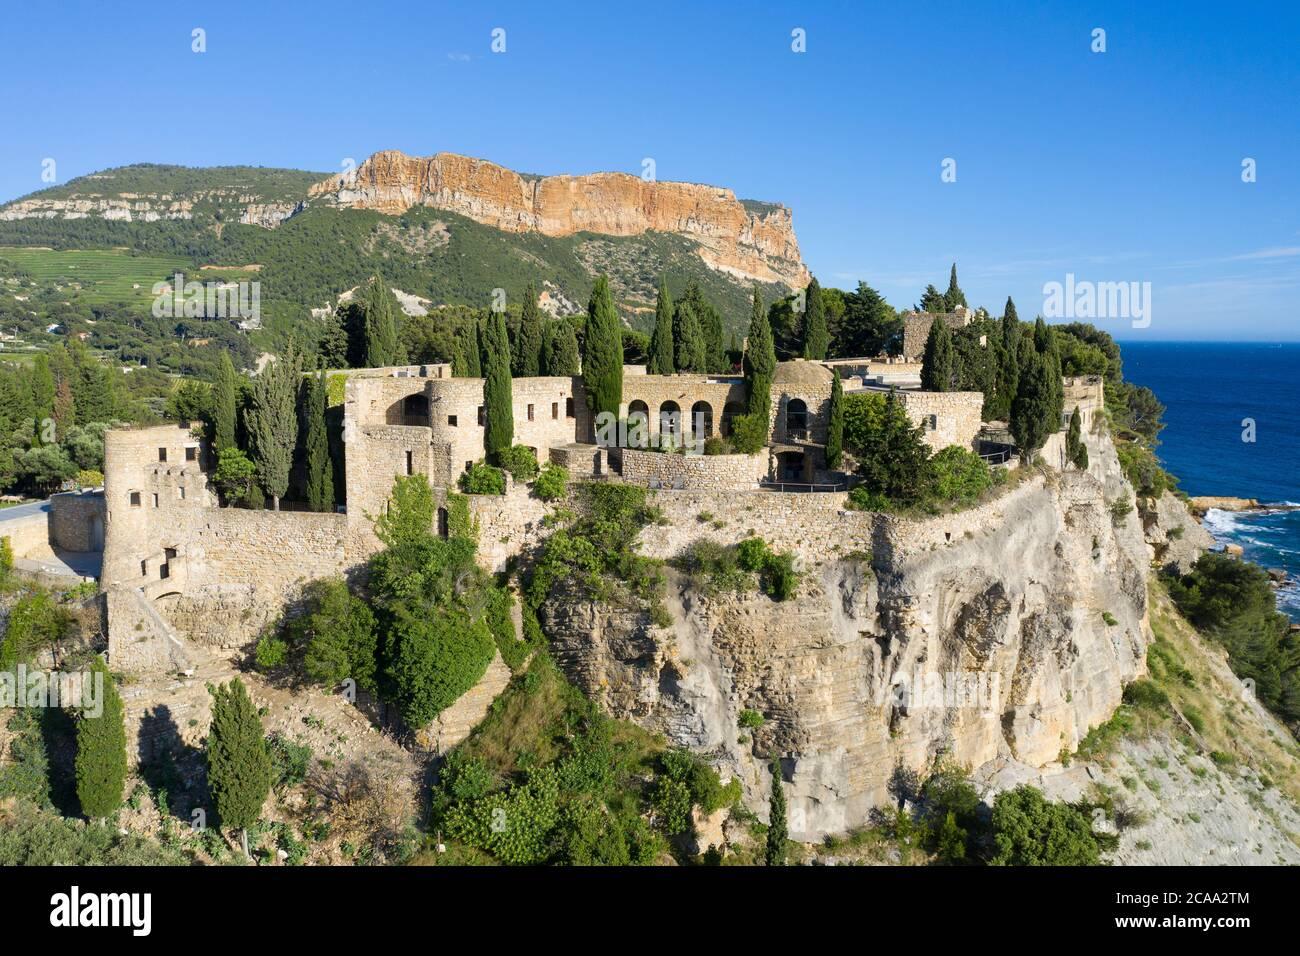 Veduta aerea del castello sulla cima di una collina vicino al centro della città di Cassis Foto Stock